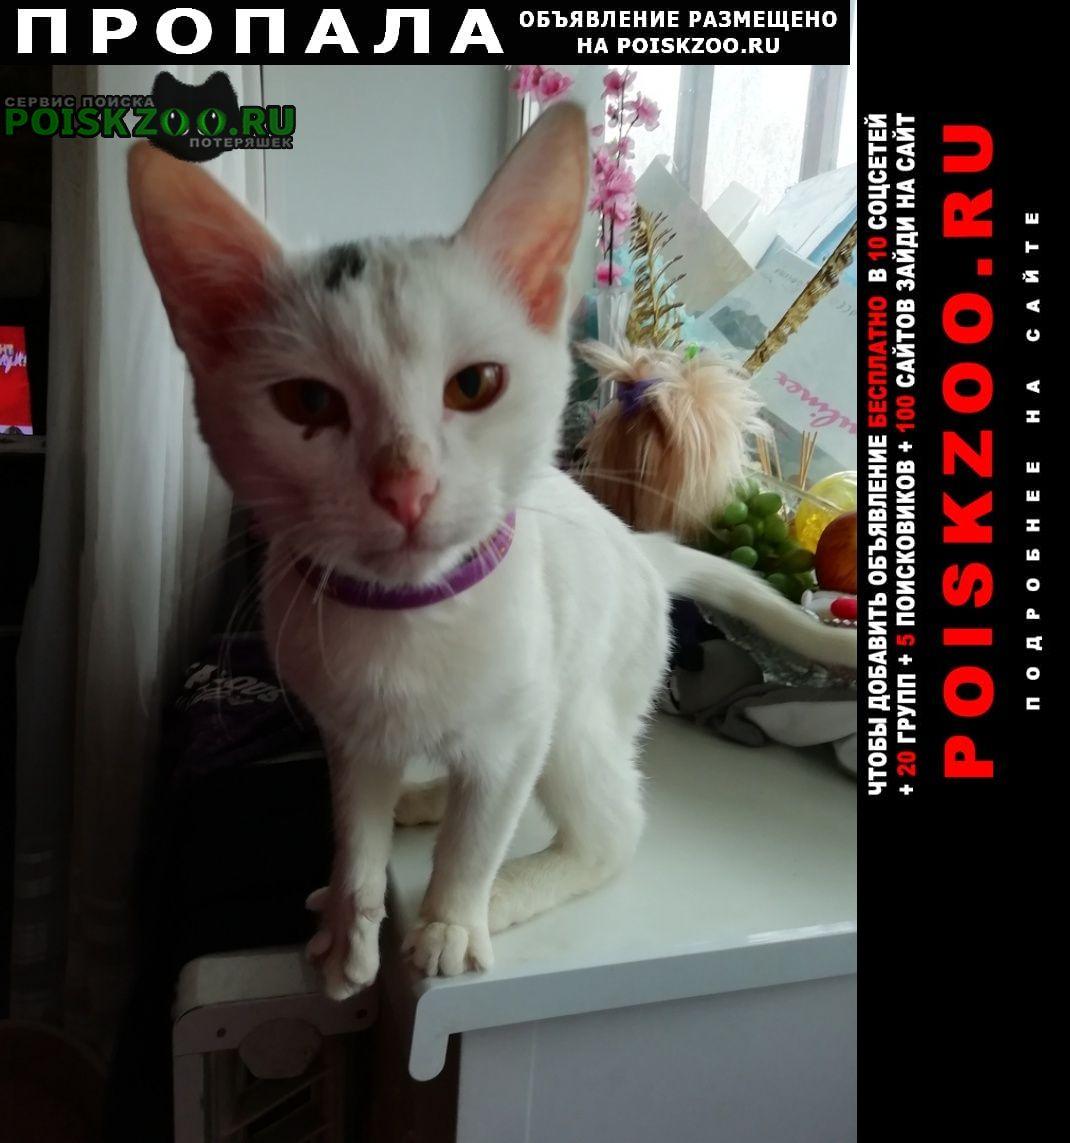 Пропал кот маийкол г.Нижний Новгород